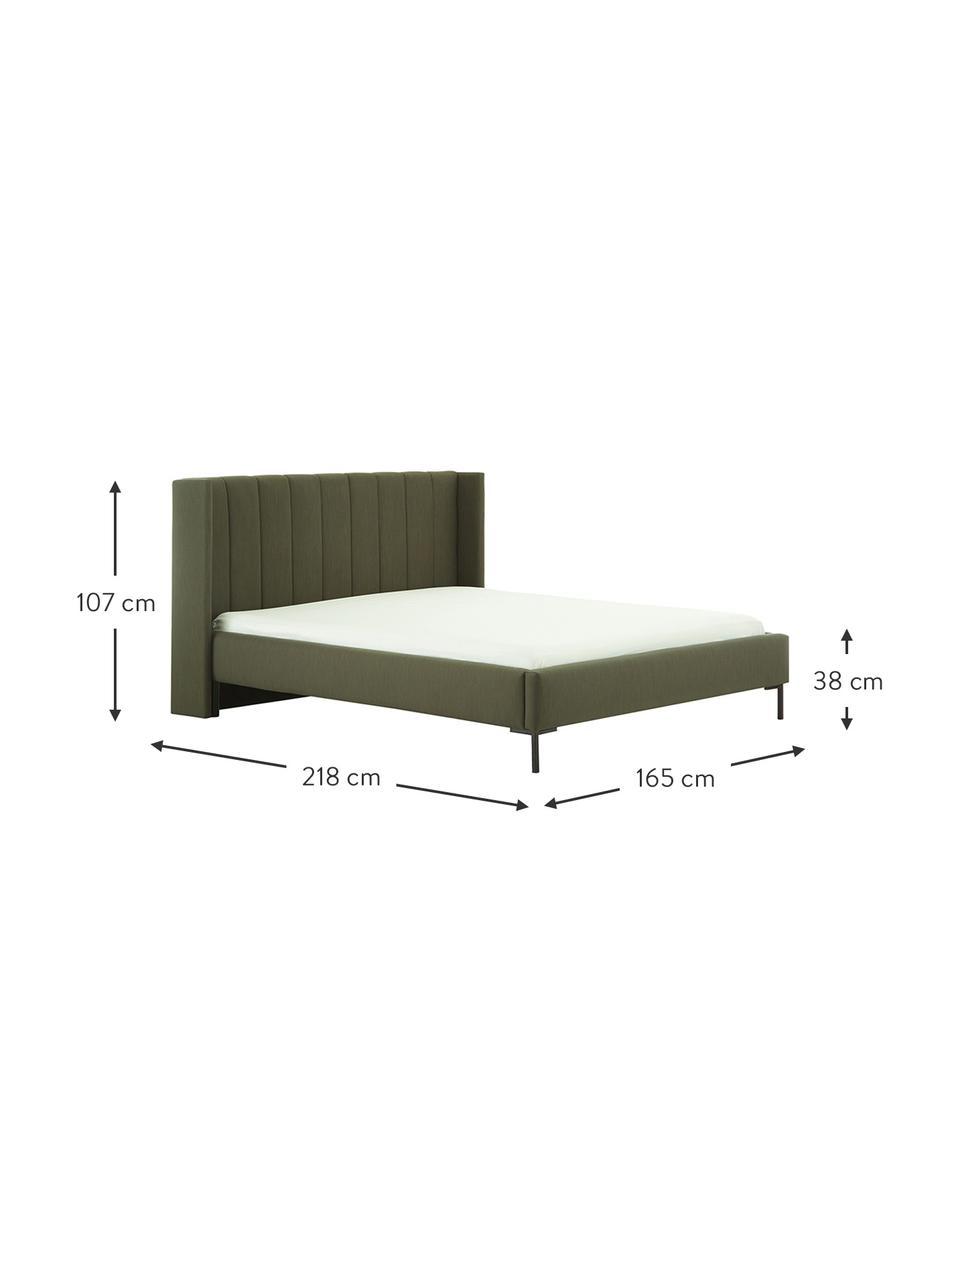 Łóżko tapicerowane Dusk, Tapicerka: tkanina o drobnej struktu, Korpus: lite drewno sosnowe i pły, Nogi: metal malowany proszkowo, Ciemny zielony, S 200 x D 200 cm